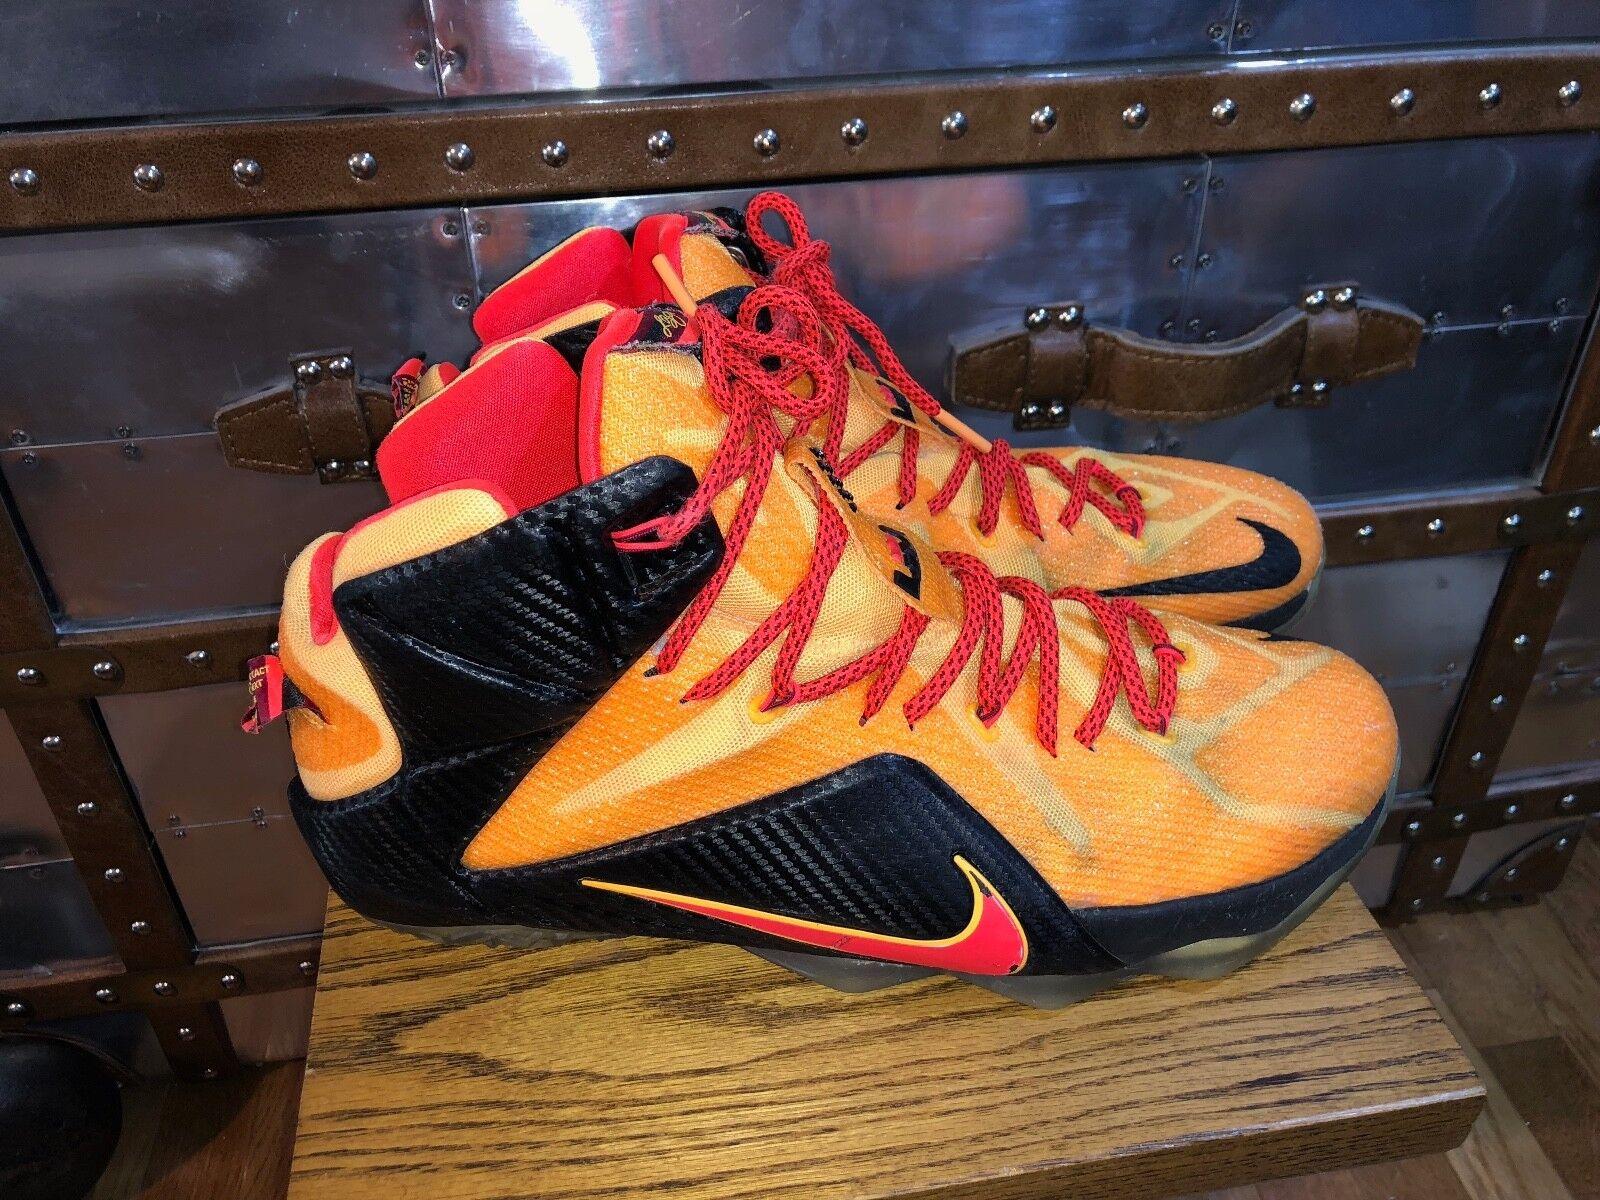 nike lebron orange xii 12 zeugen cleveland orange lebron 684593 830 sz 13 basketball - schuhe 56961a